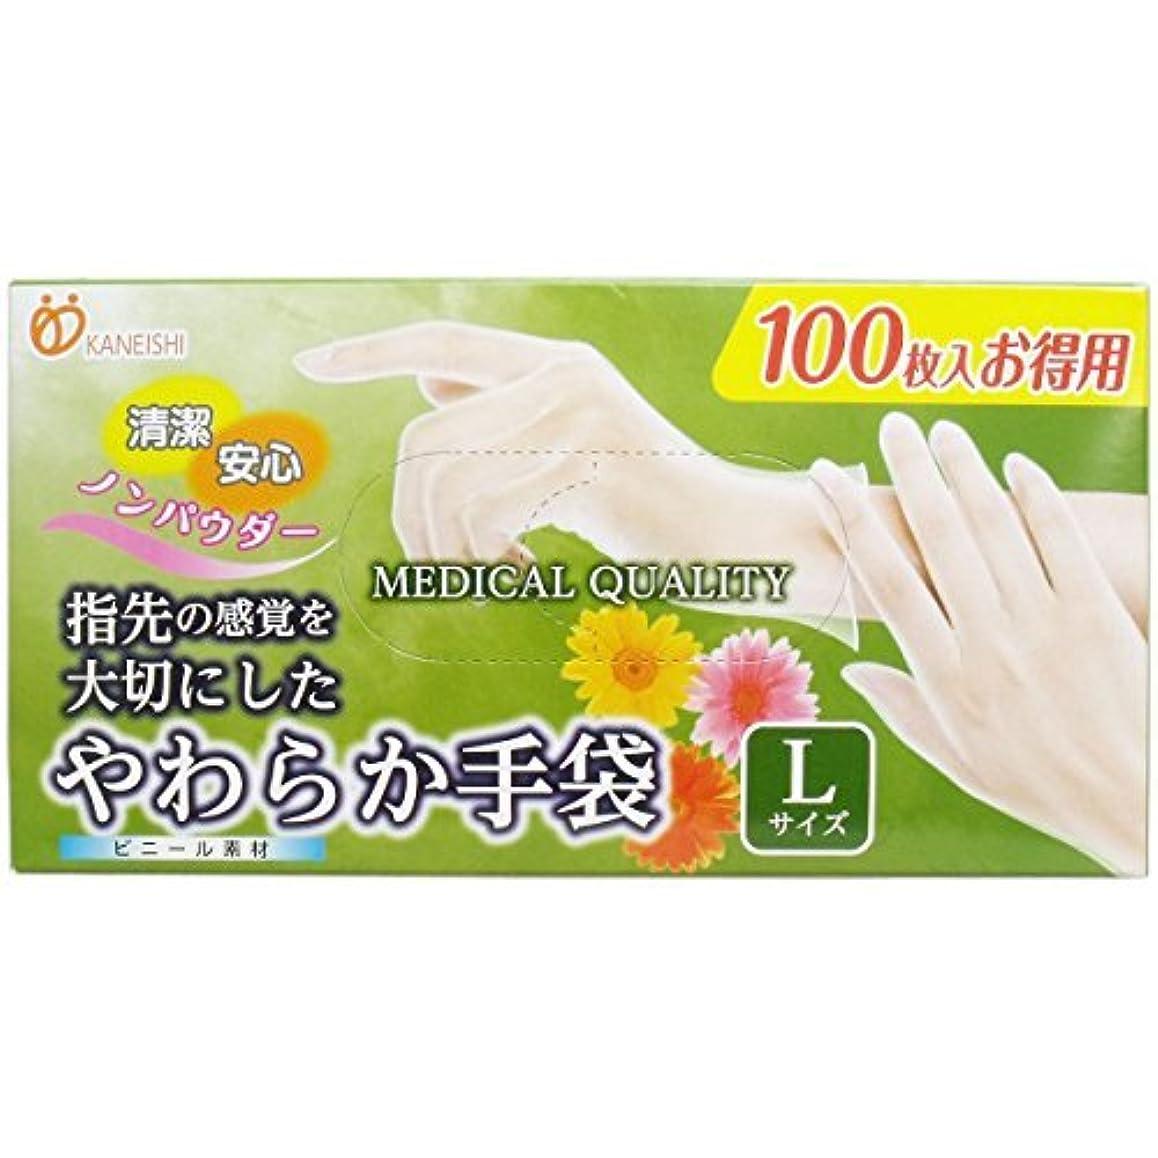 番号置き場やわらか手袋 ビニール素材 Lサイズ 100枚入x7